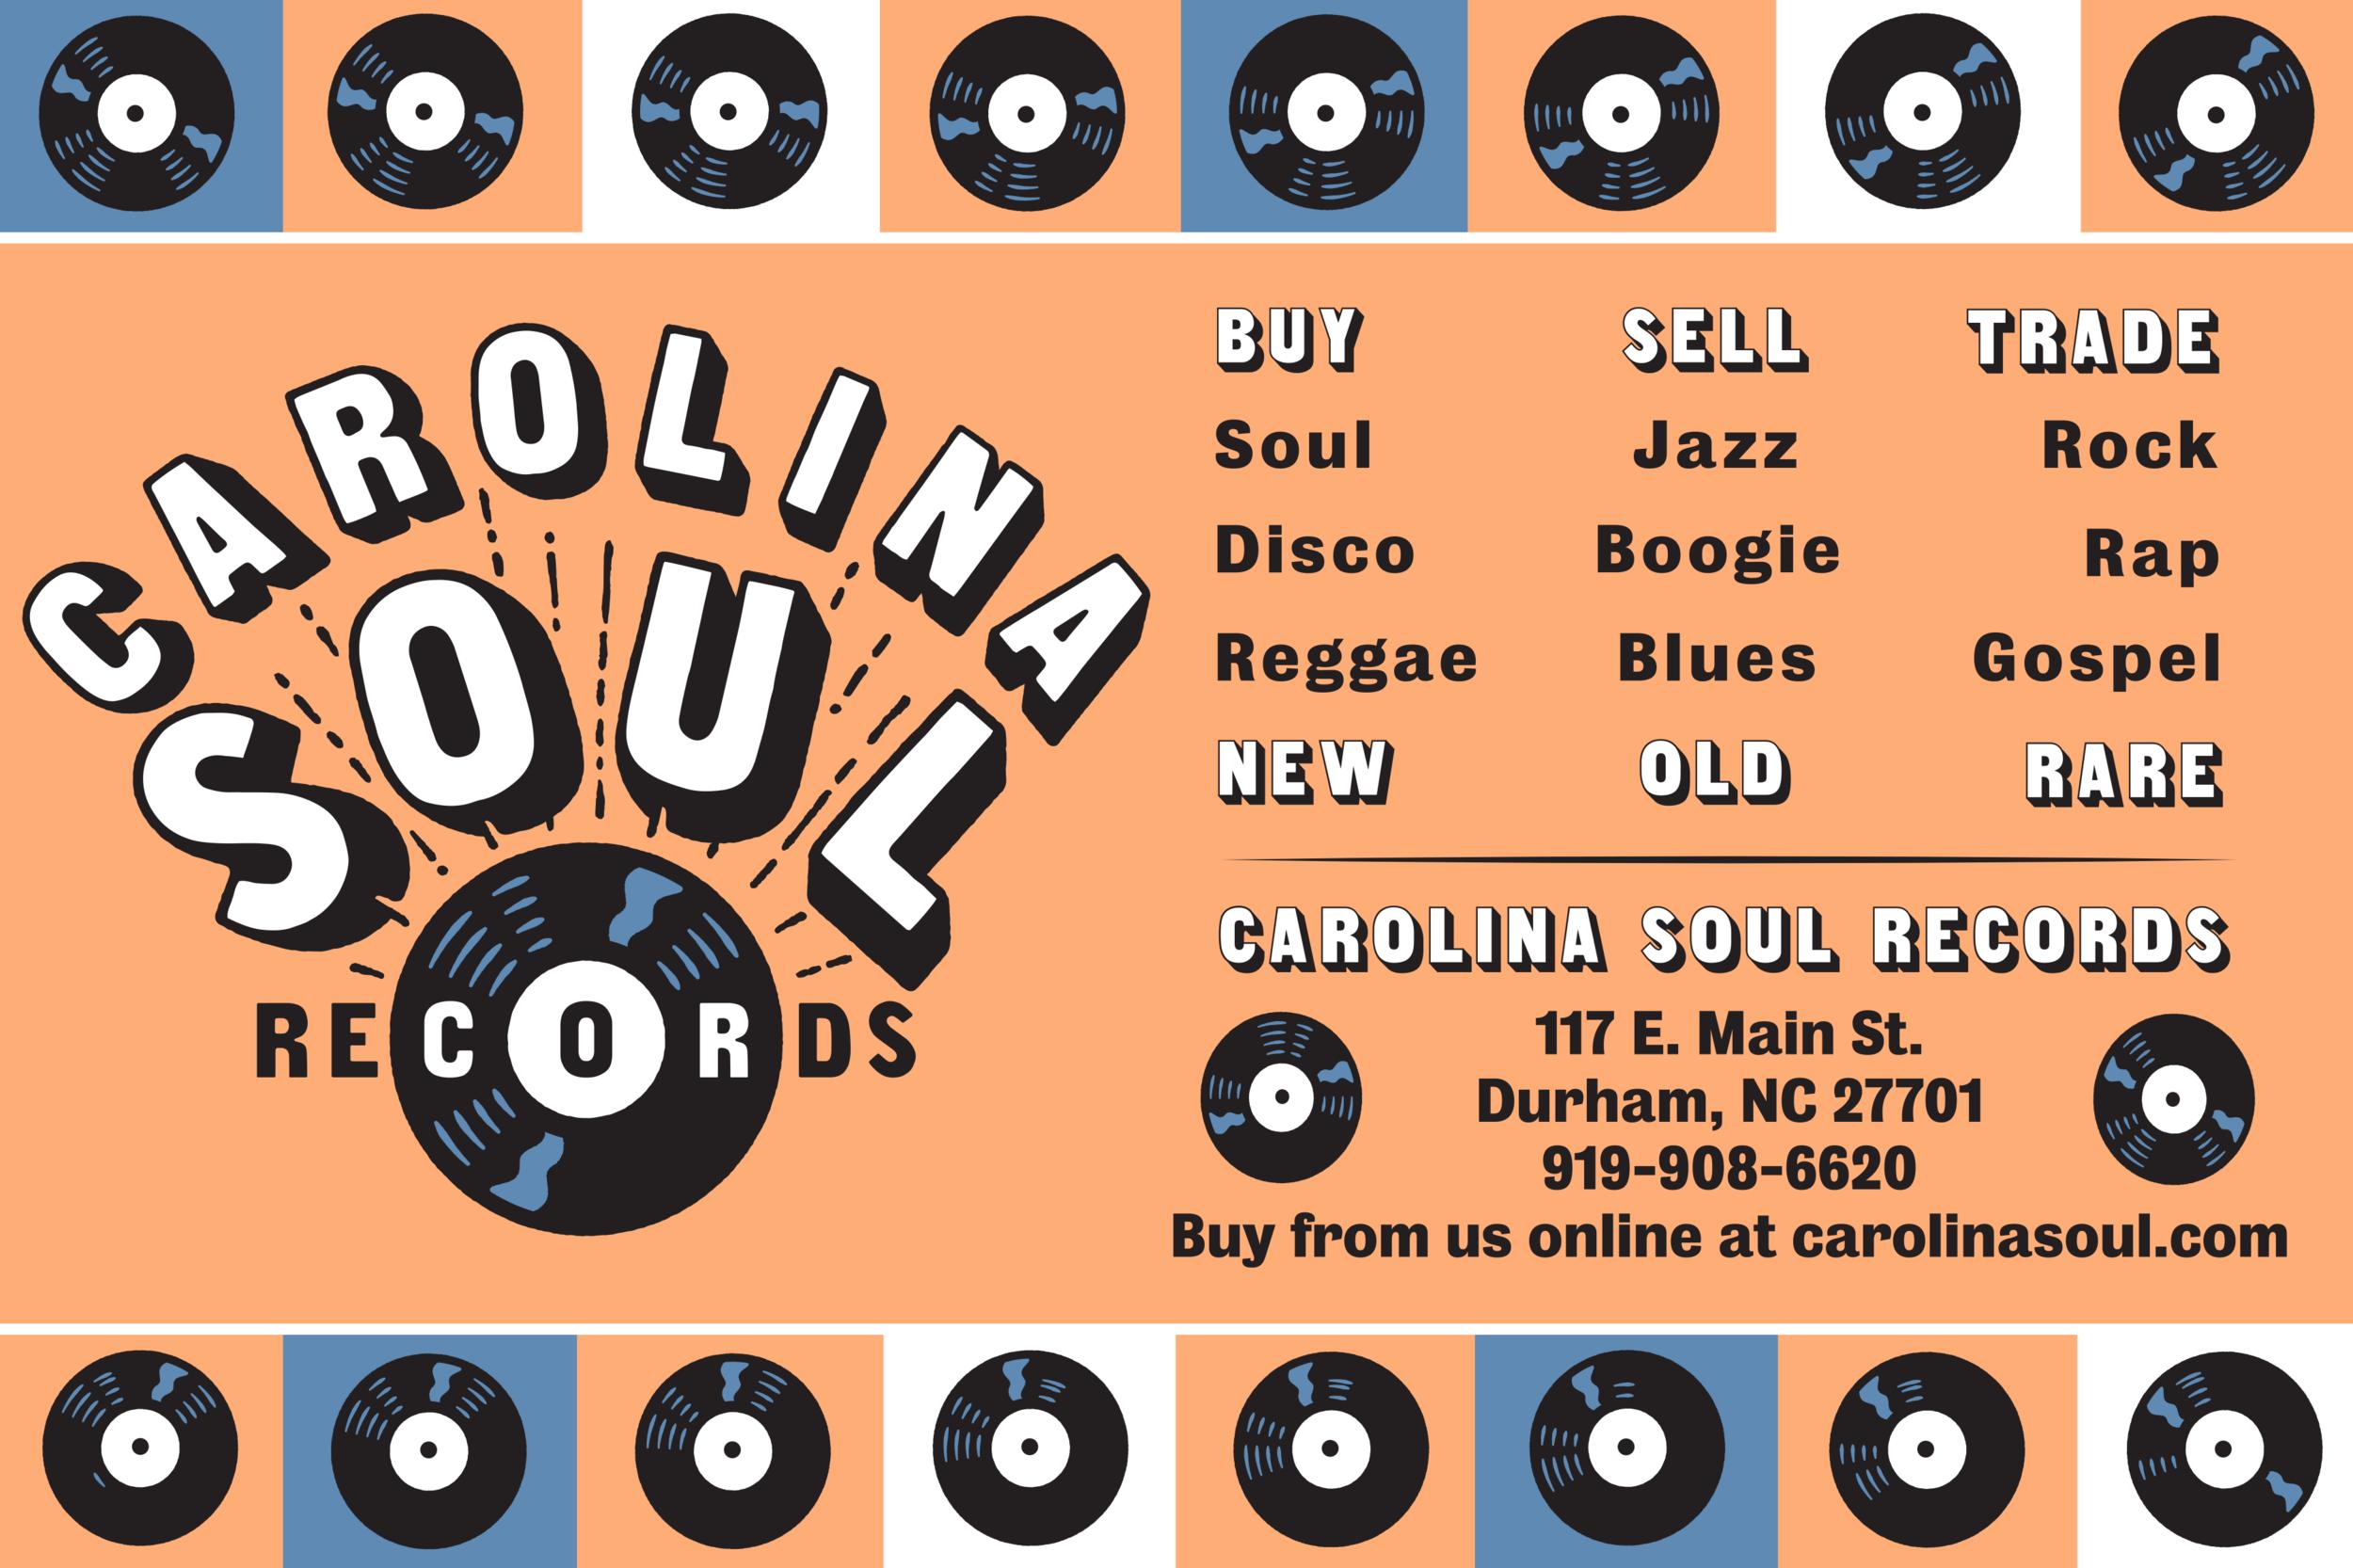 Carolina Soul Handcard Option 2 Horizontal.png